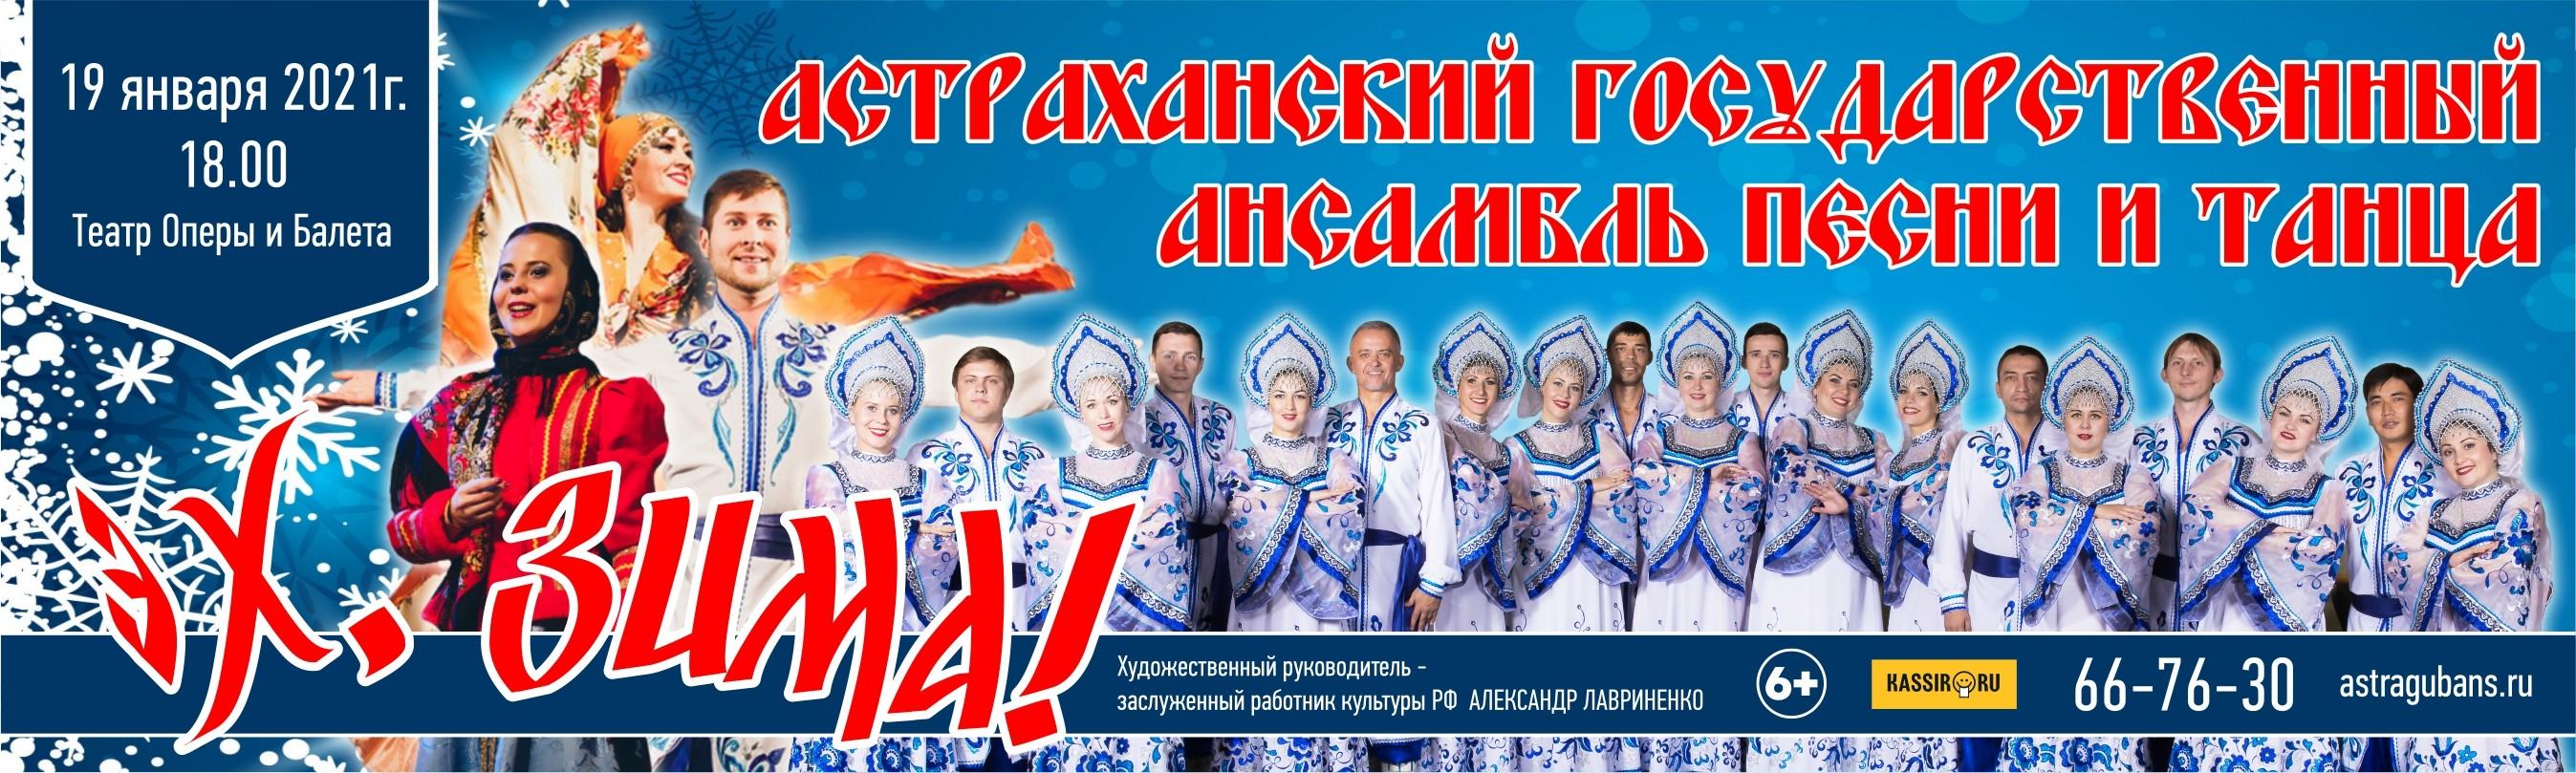 Крещенский вечер с Астраханским государственным ансамблем песни и танца